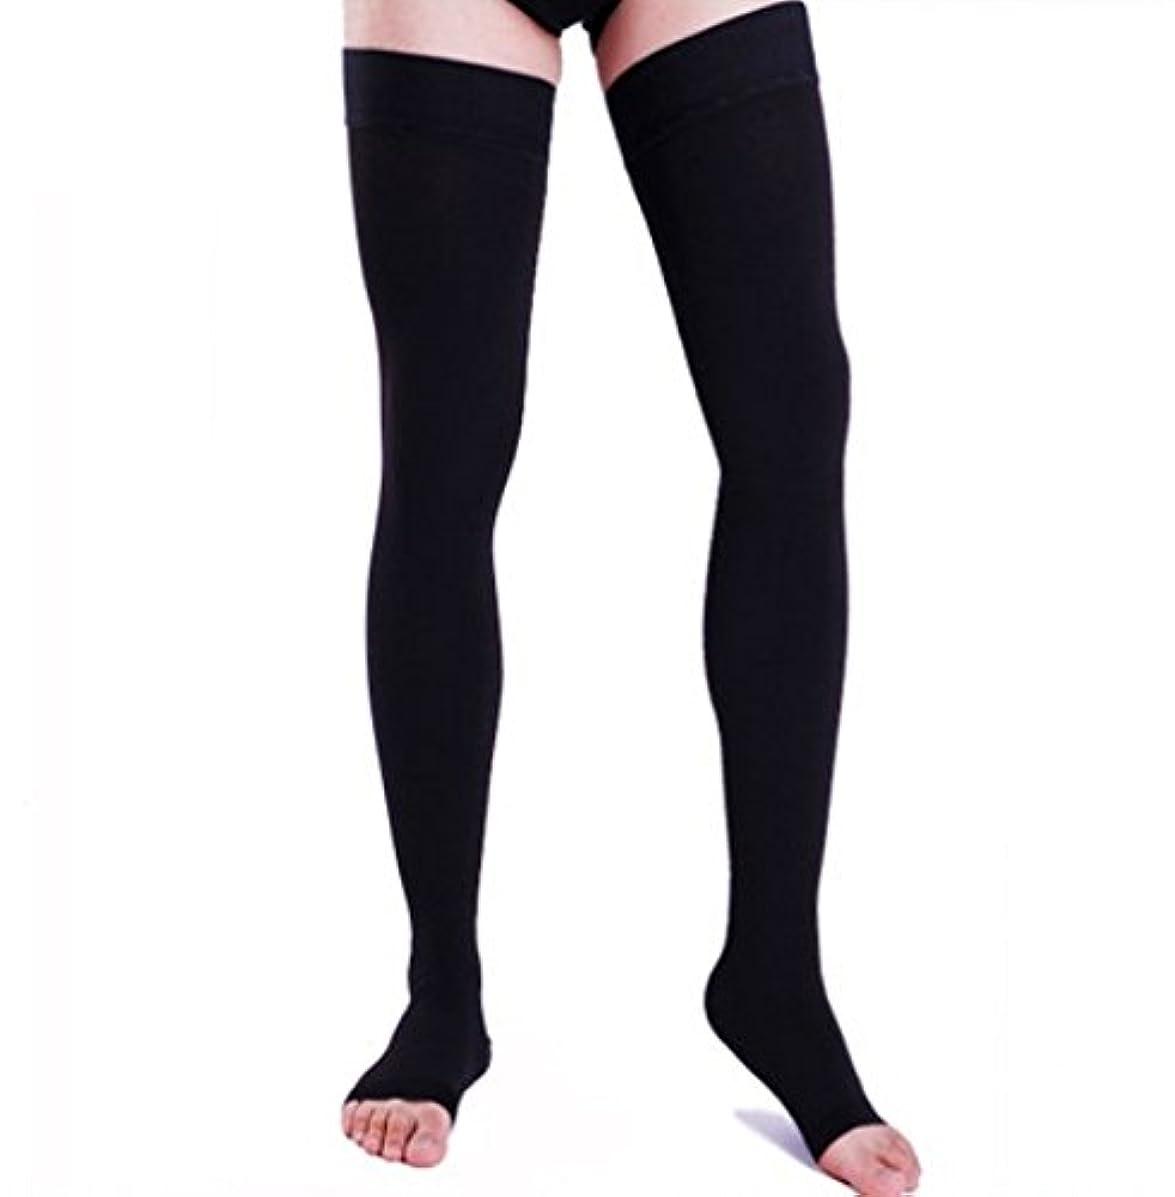 【エコノミー症候群予防】男性用 着圧ソックス オープントゥ ロング (L, ブラック)